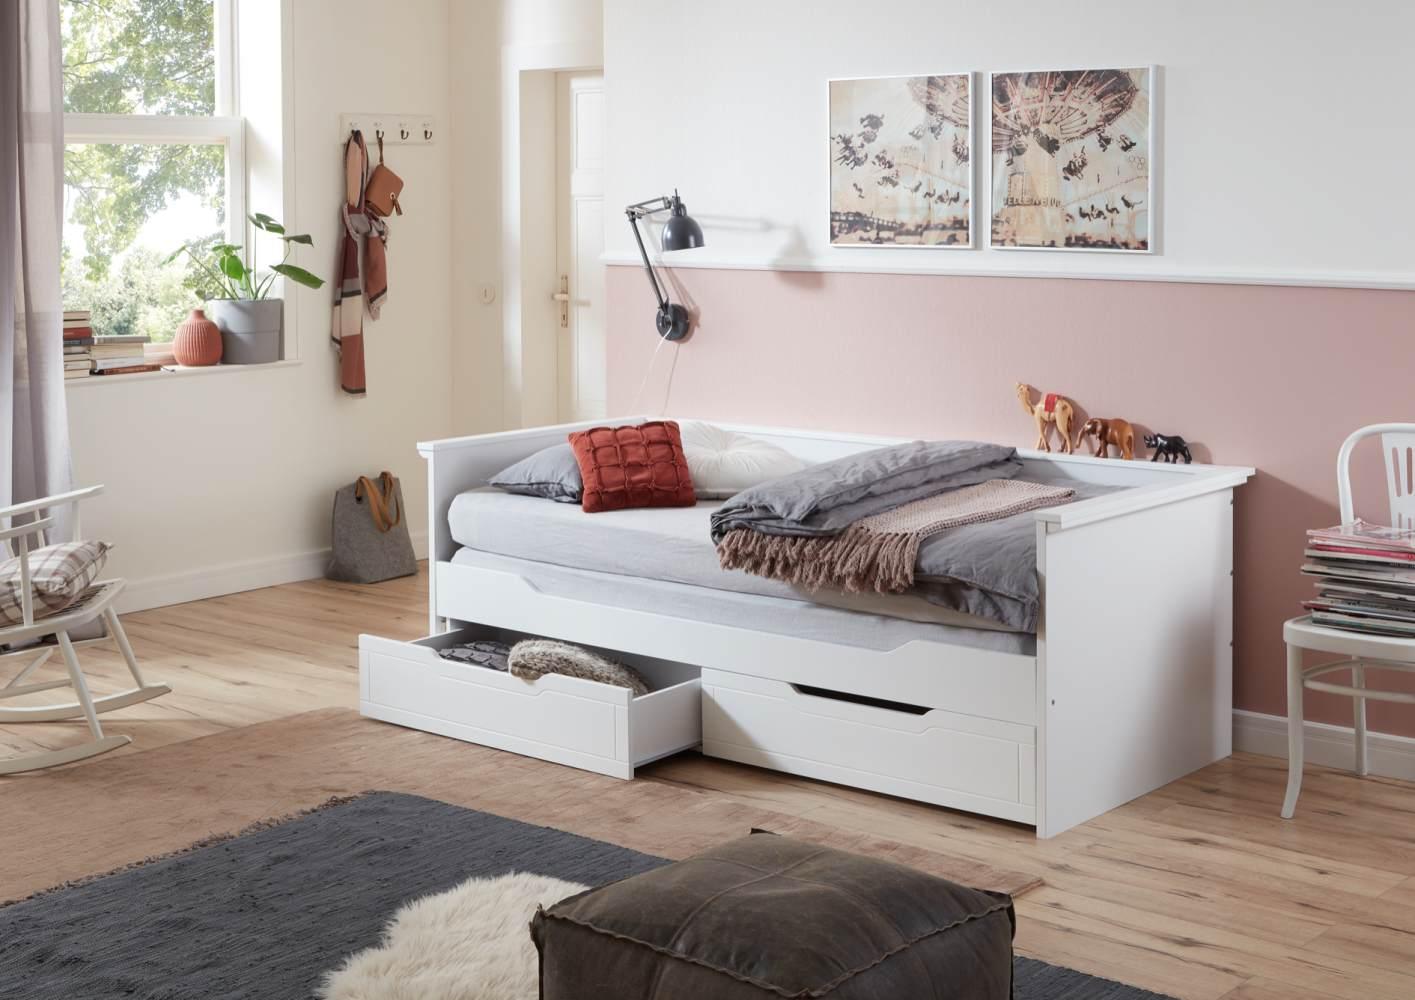 Relita 'Lina' Bett weiß, 90 x 200 cm, ausziehbar, mit zwei Schubladen Bild 1